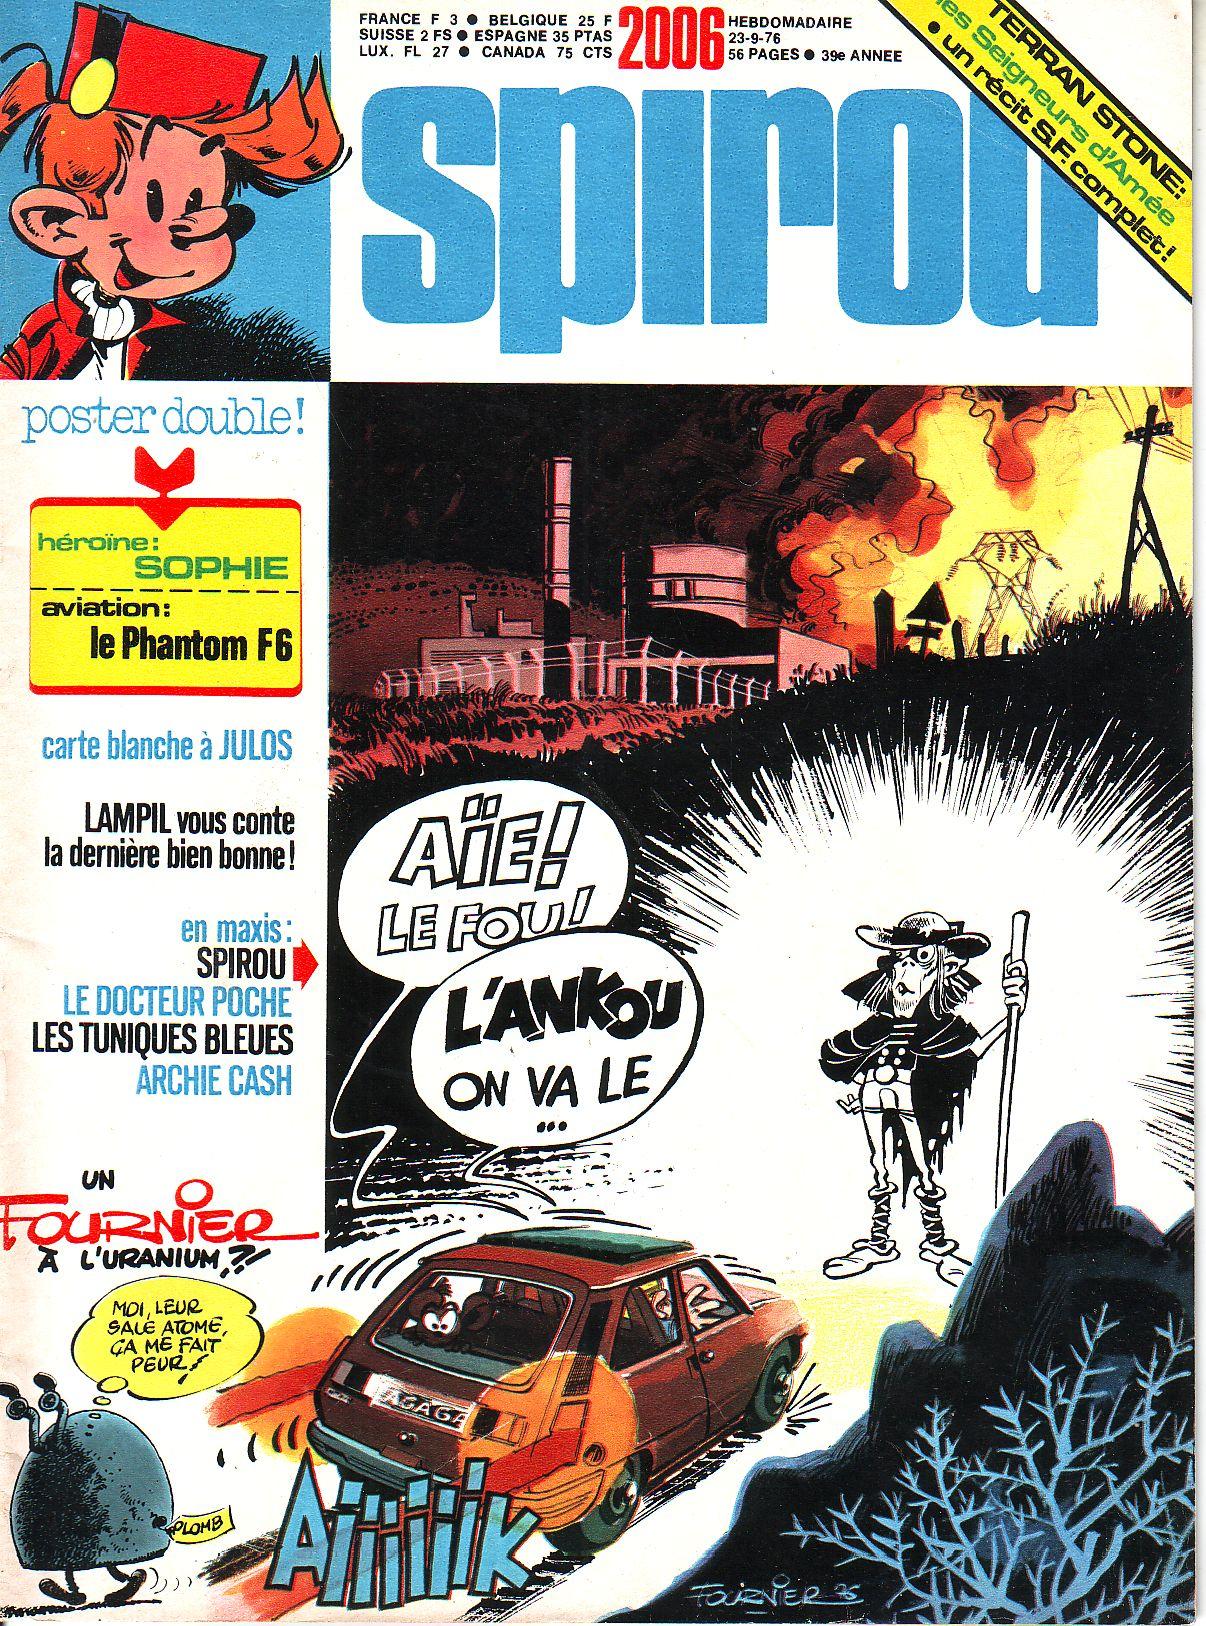 Le journal de Spirou 2006